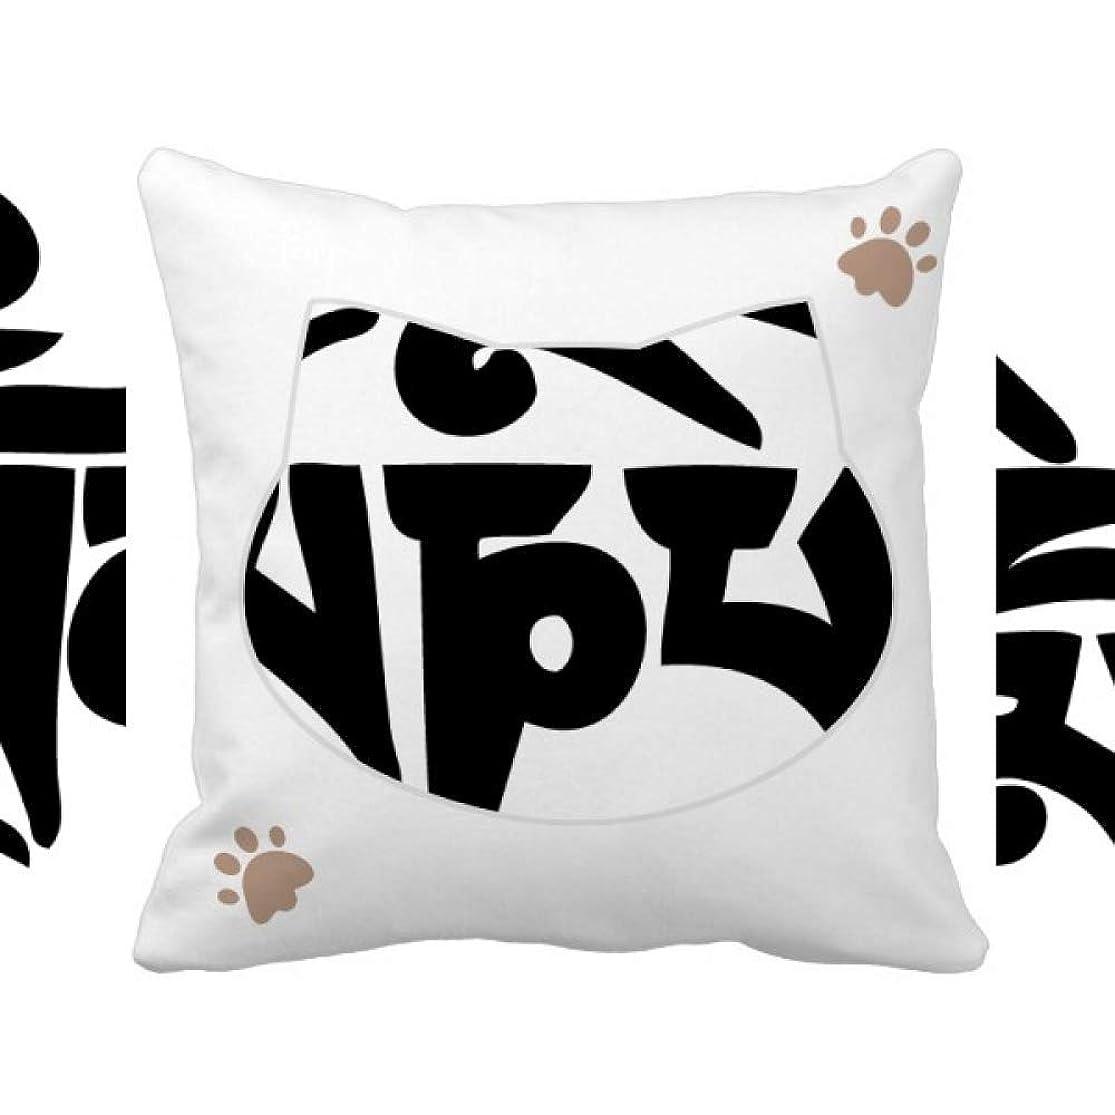 ダイヤモンドトランスミッションメロディー仏教サンスクリット語の文字パターンのブラック 枕カバーを放り投げる猫広場 50cm x 50cm